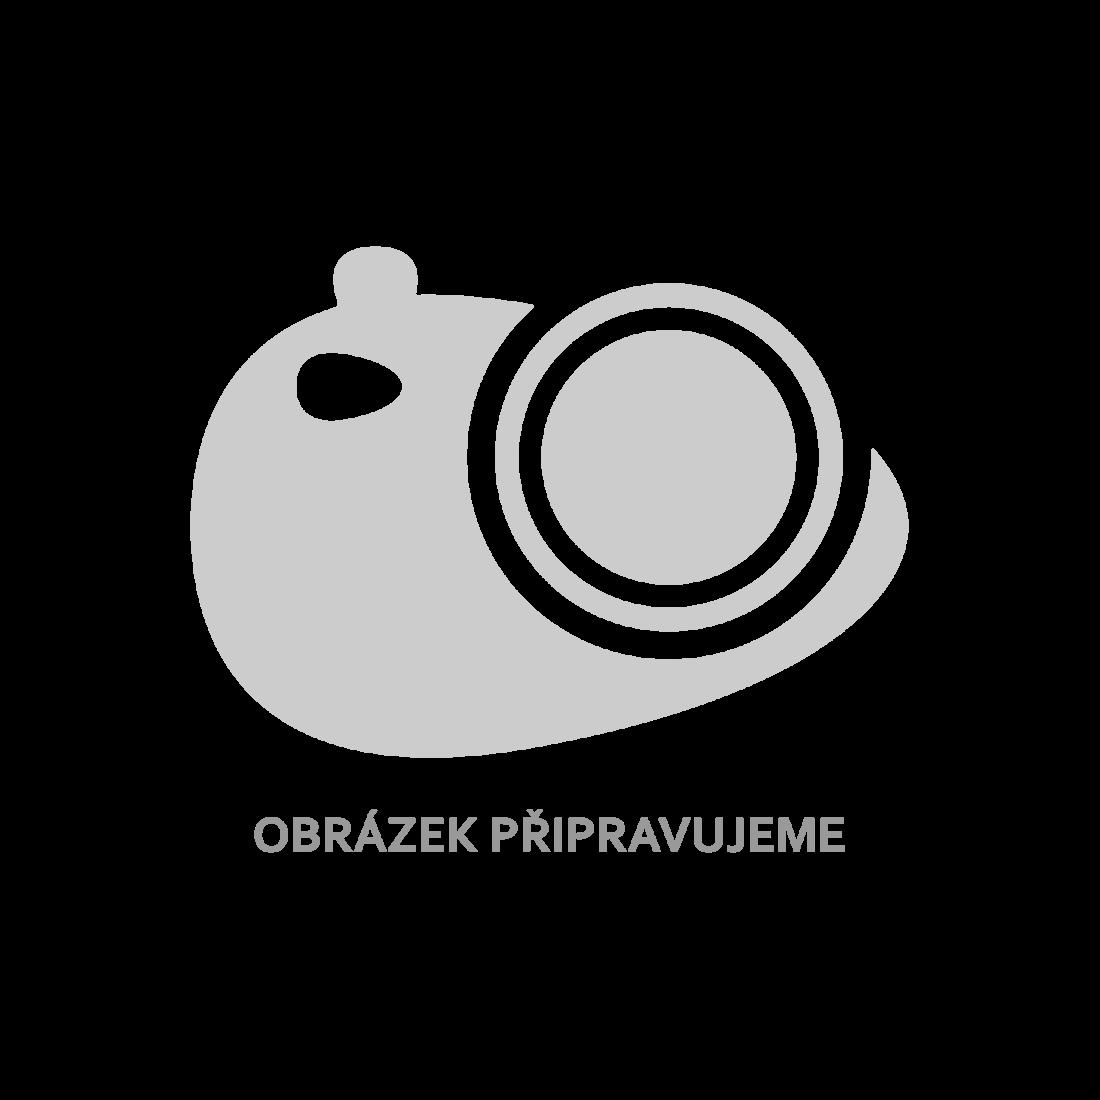 vidaXL Plovoucí nástěnné police 4 ks šedé vysoký lesk 120x23,5x3,8 cm [323801]